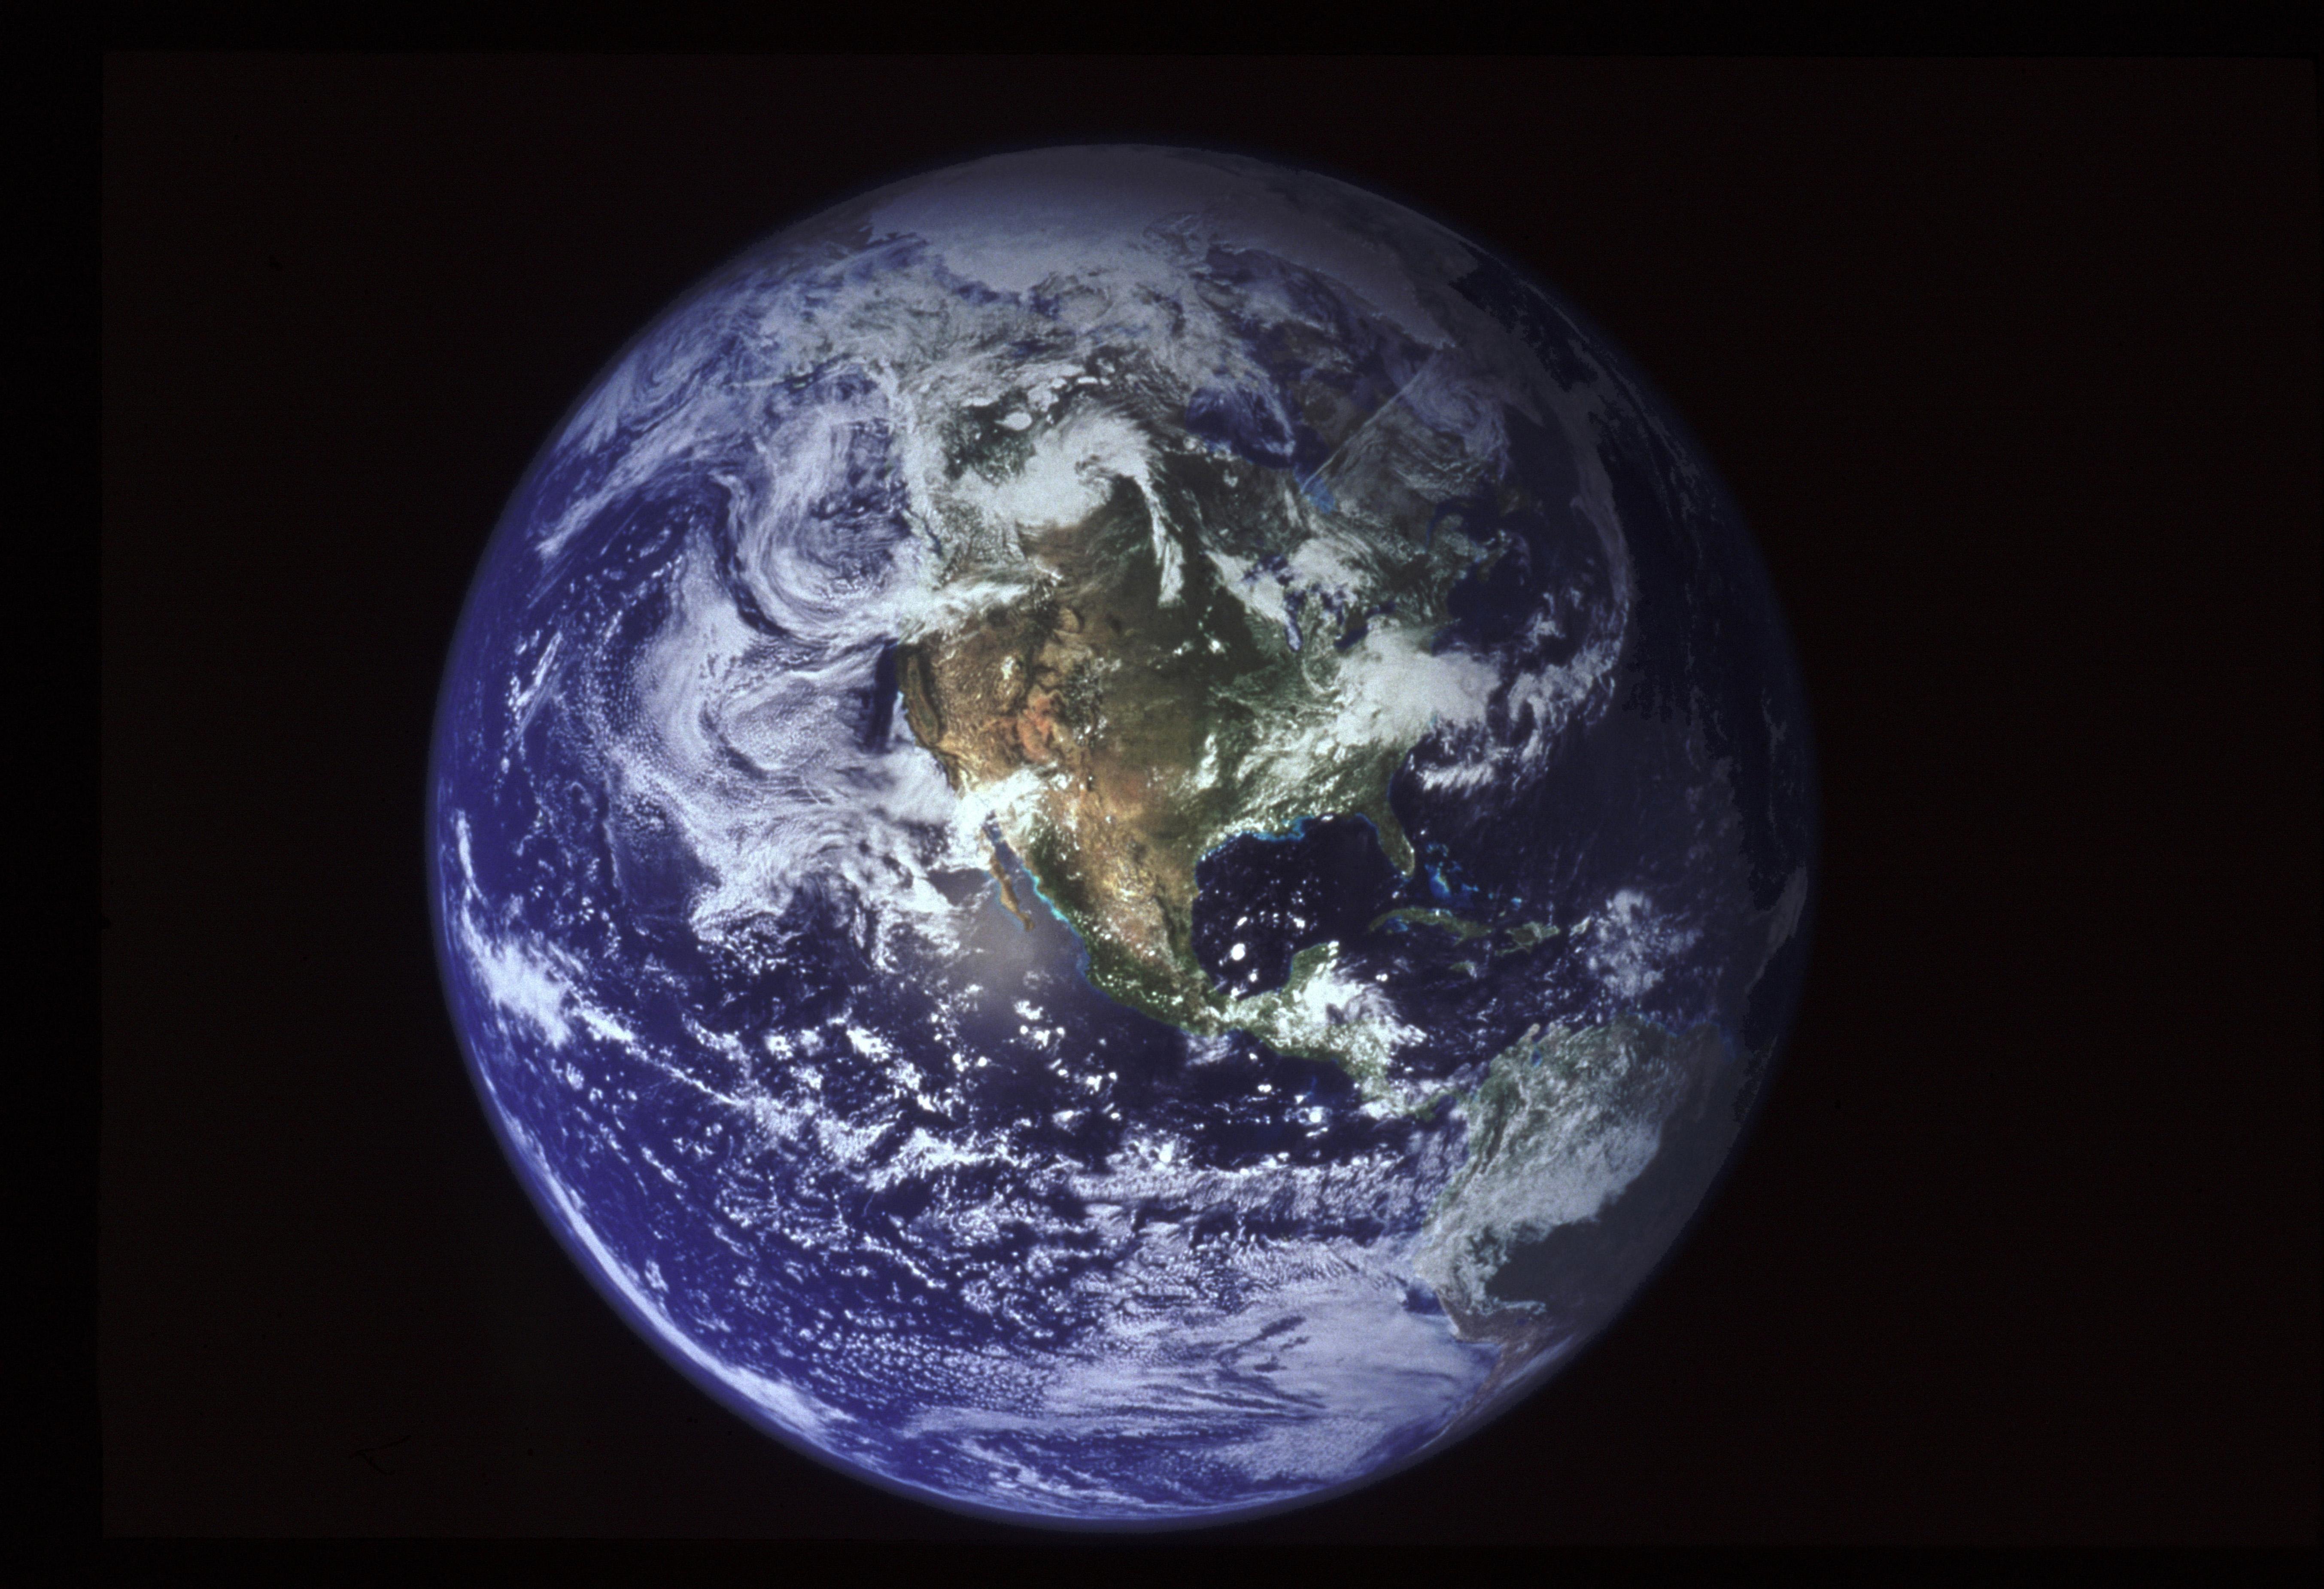 jorden.jpg